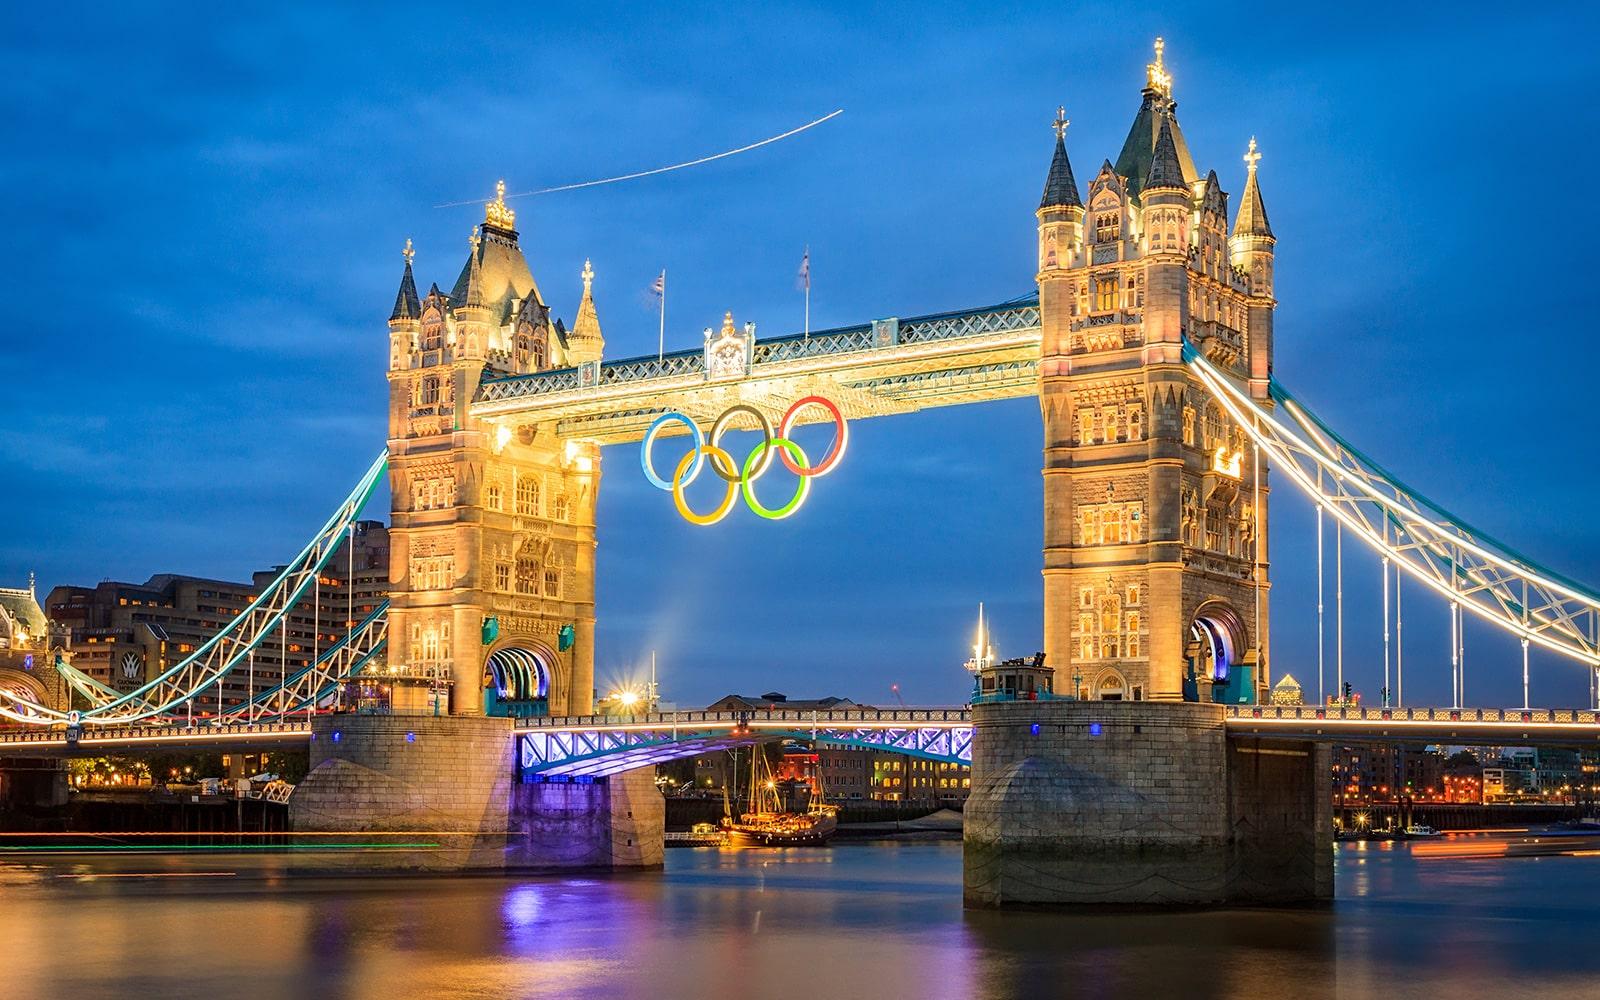 Od Viktorijanskog doba do Olimpijade 2012